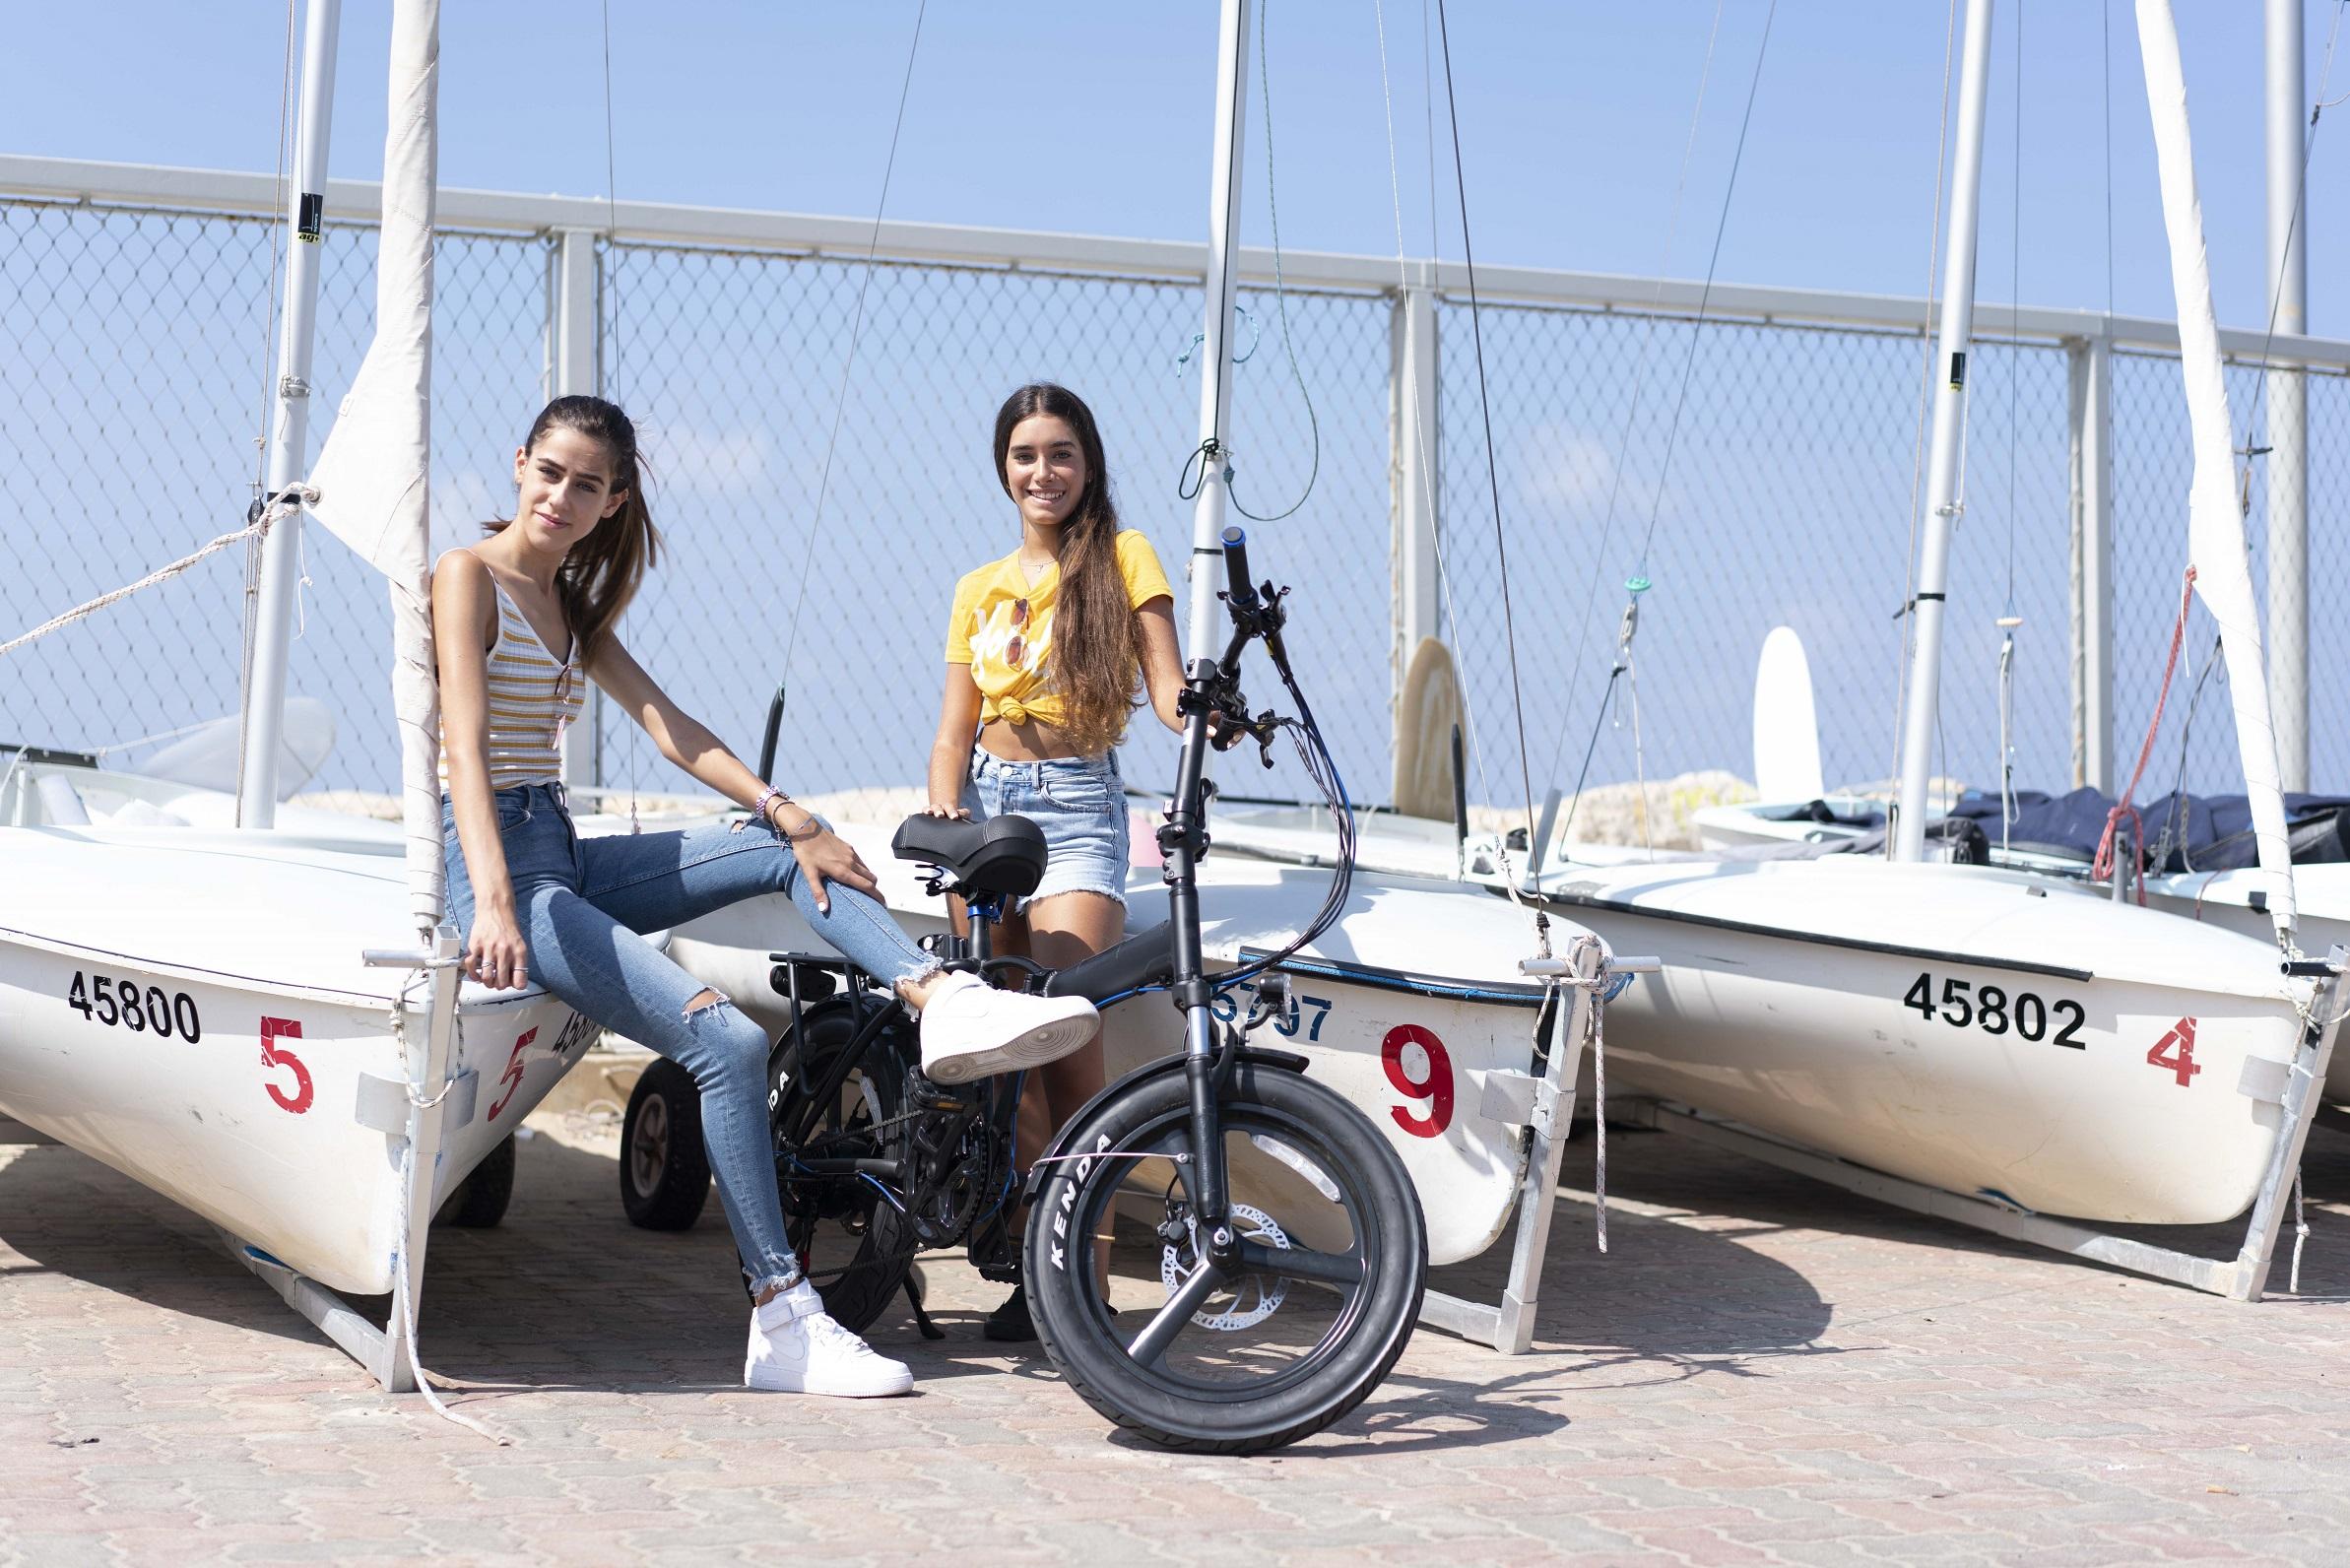 אופניים חשמליים ברמה גבוהה